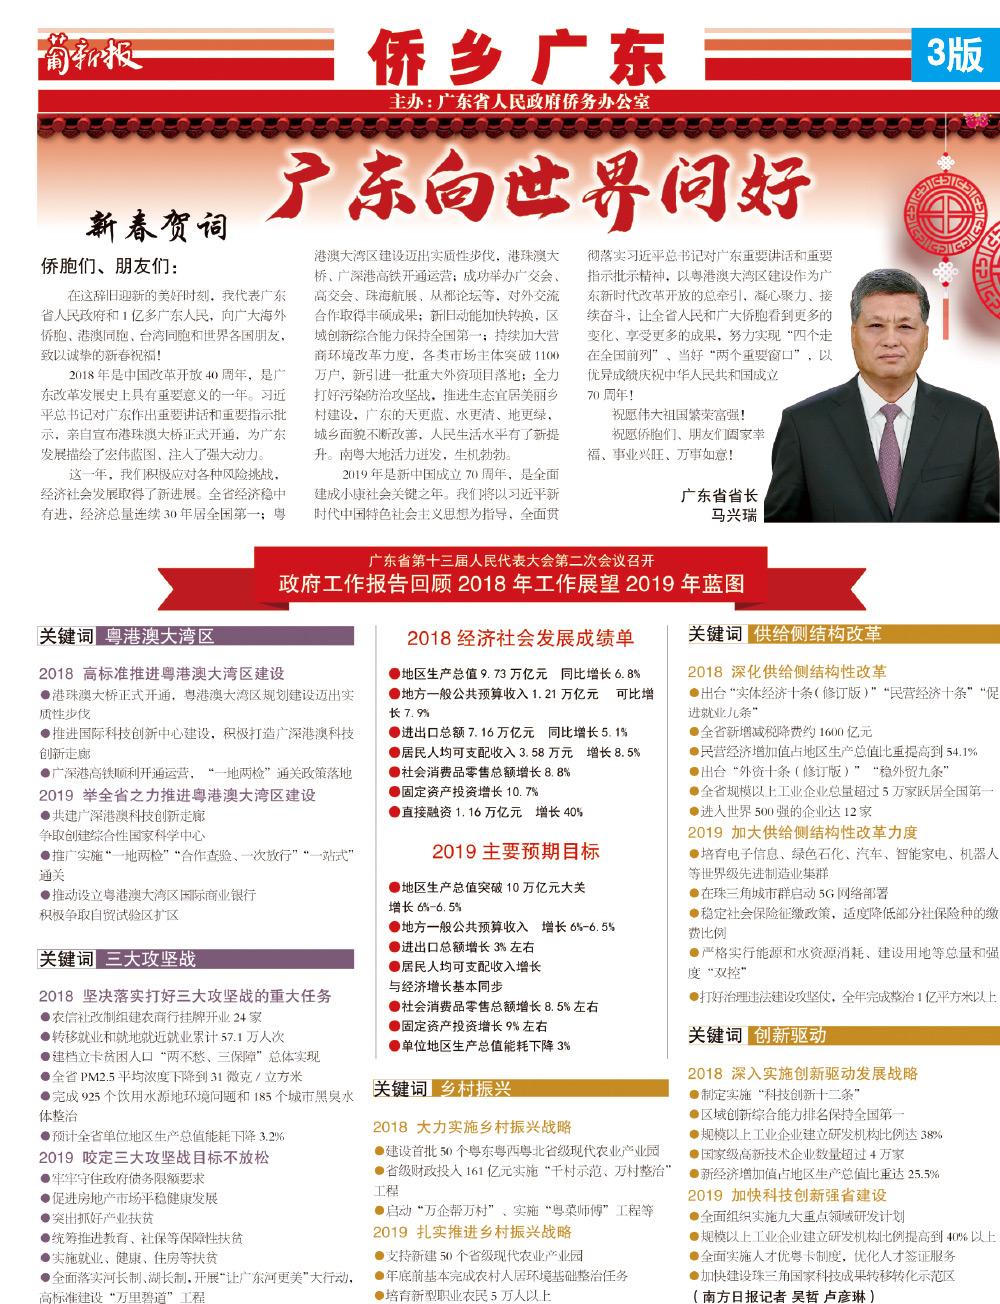 葡新报-春节专版3-3.jpg